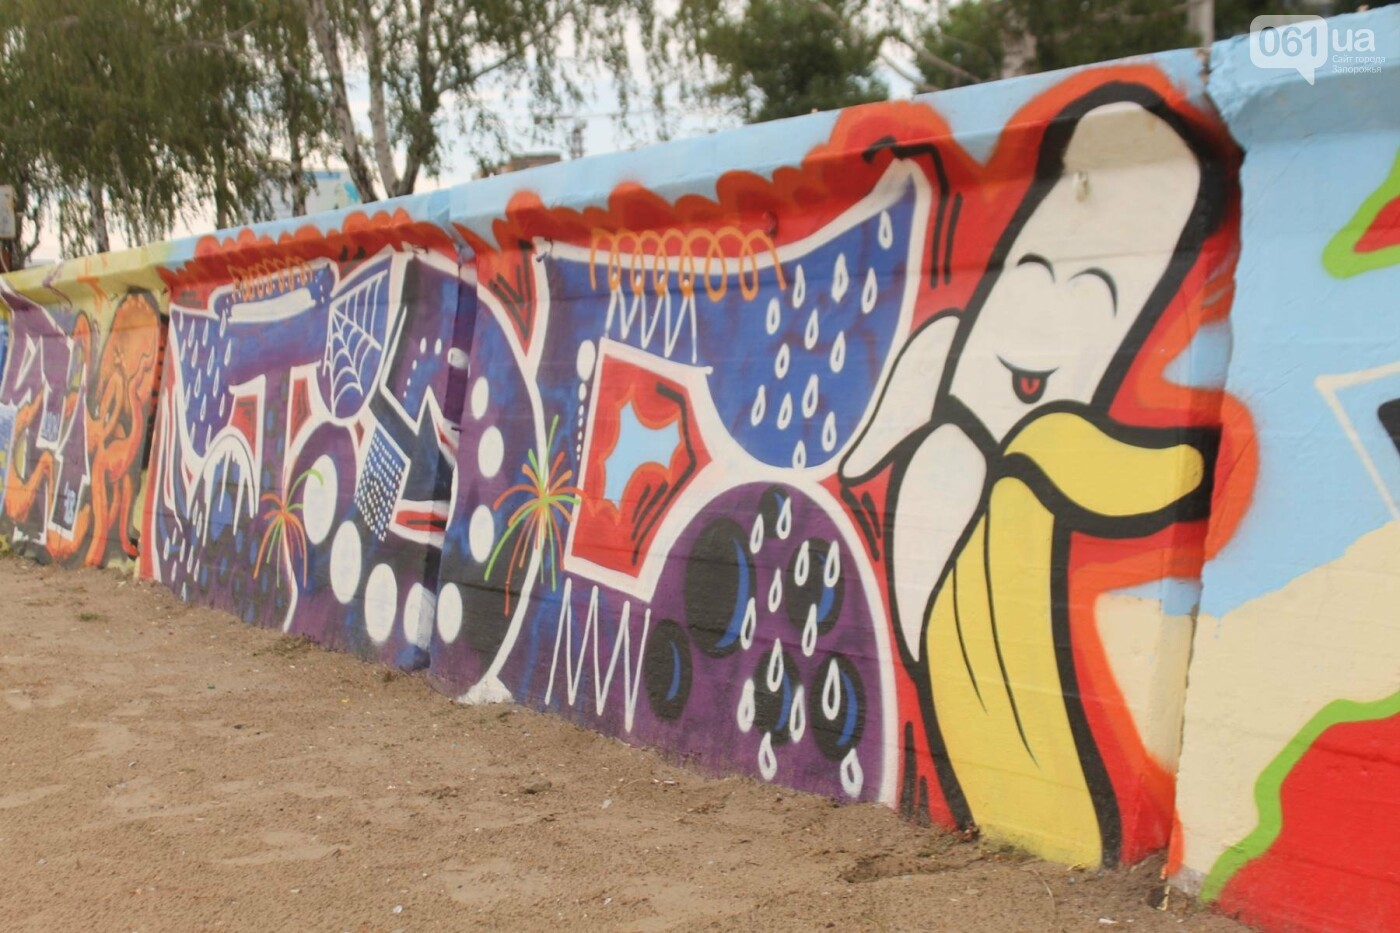 В Запорожье на пляже закончился фестиваль граффити: разрисовали 150 метров бетонной стены, – ФОТОРЕПОРТАЖ, фото-19